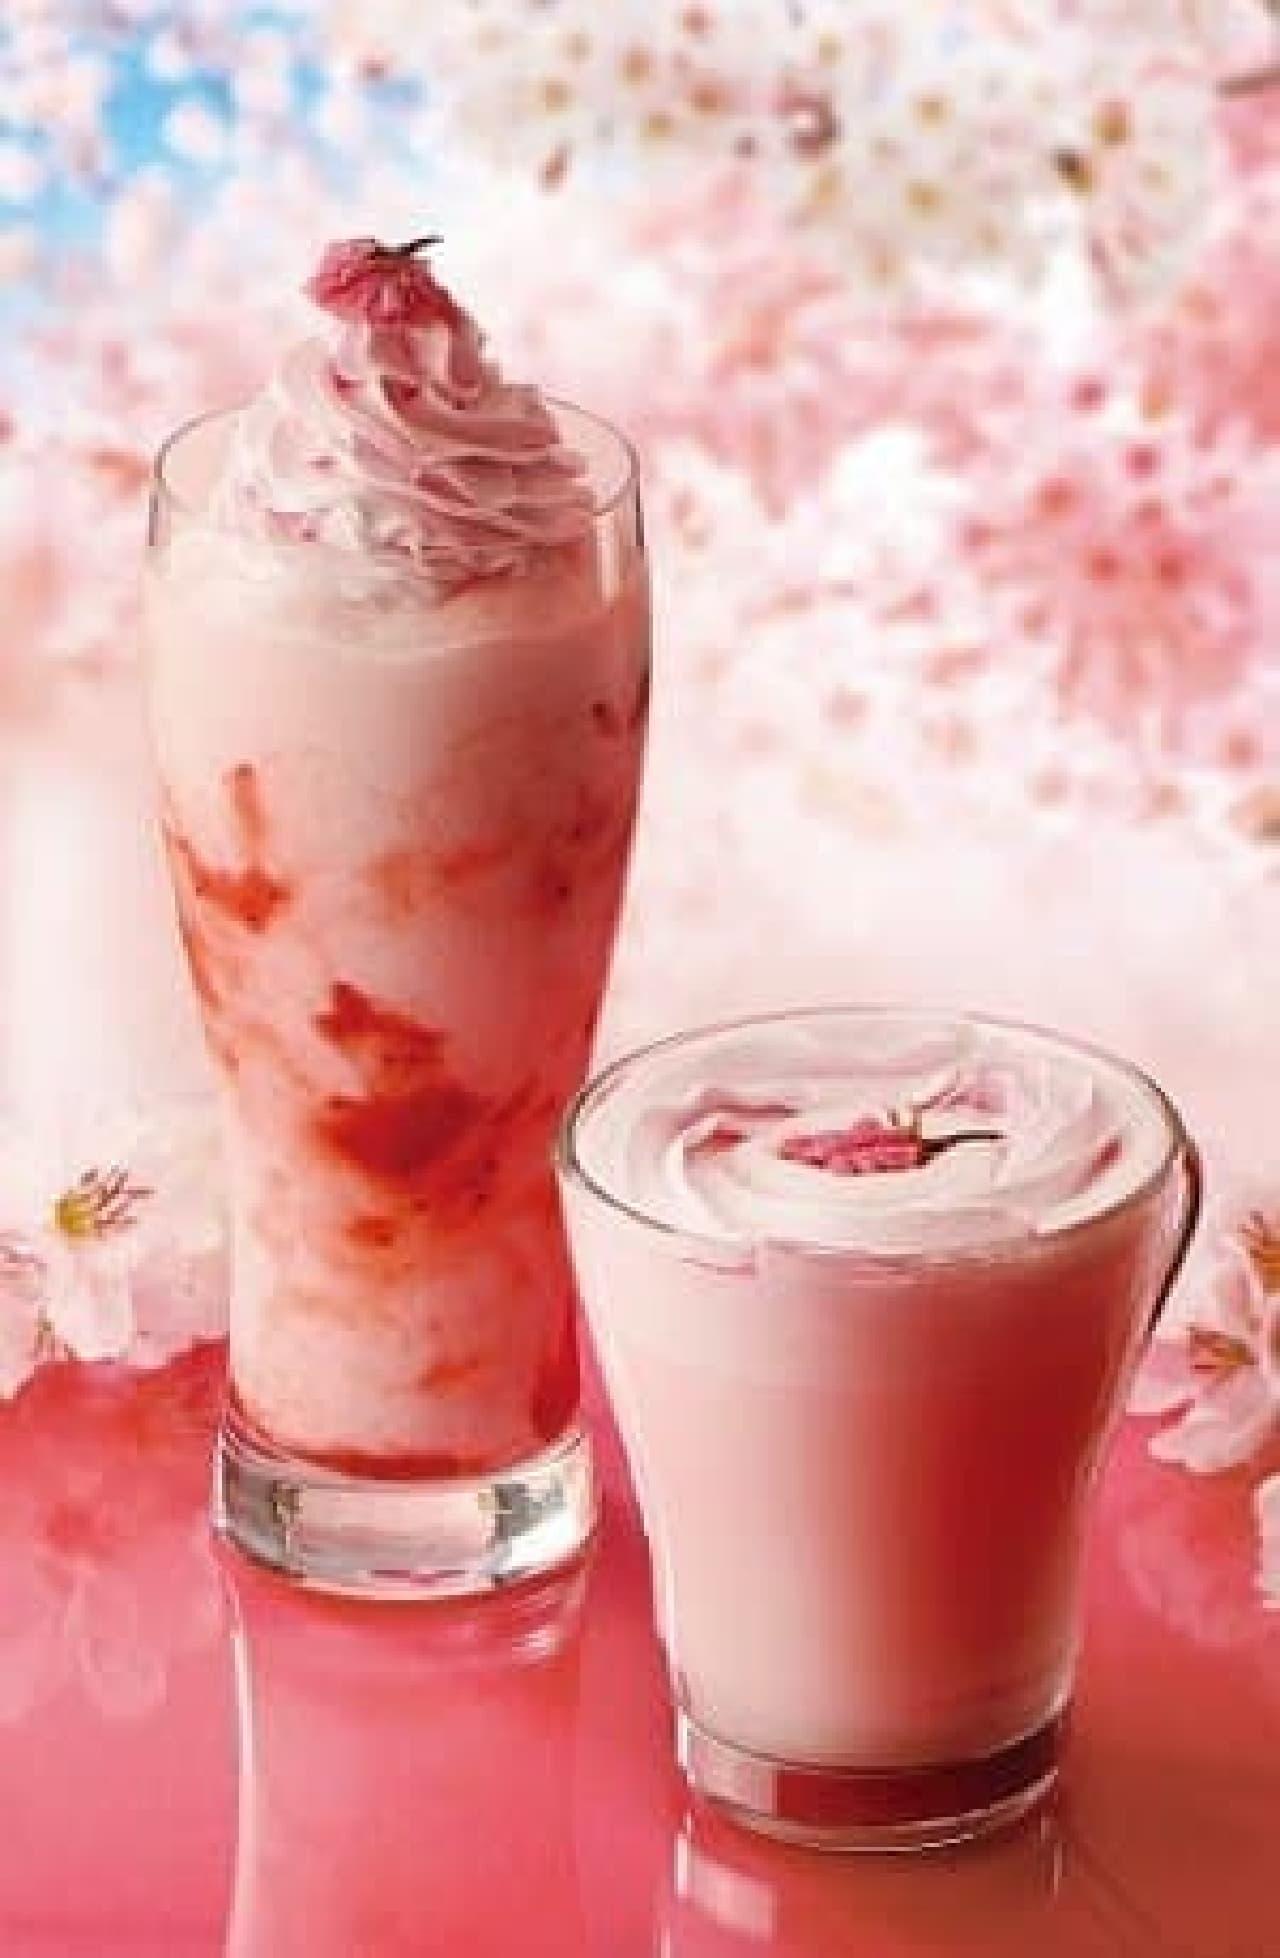 カフェ・ド・クリエ「桜ホイップラテ」と「ソルベージュ 桜&いちご」